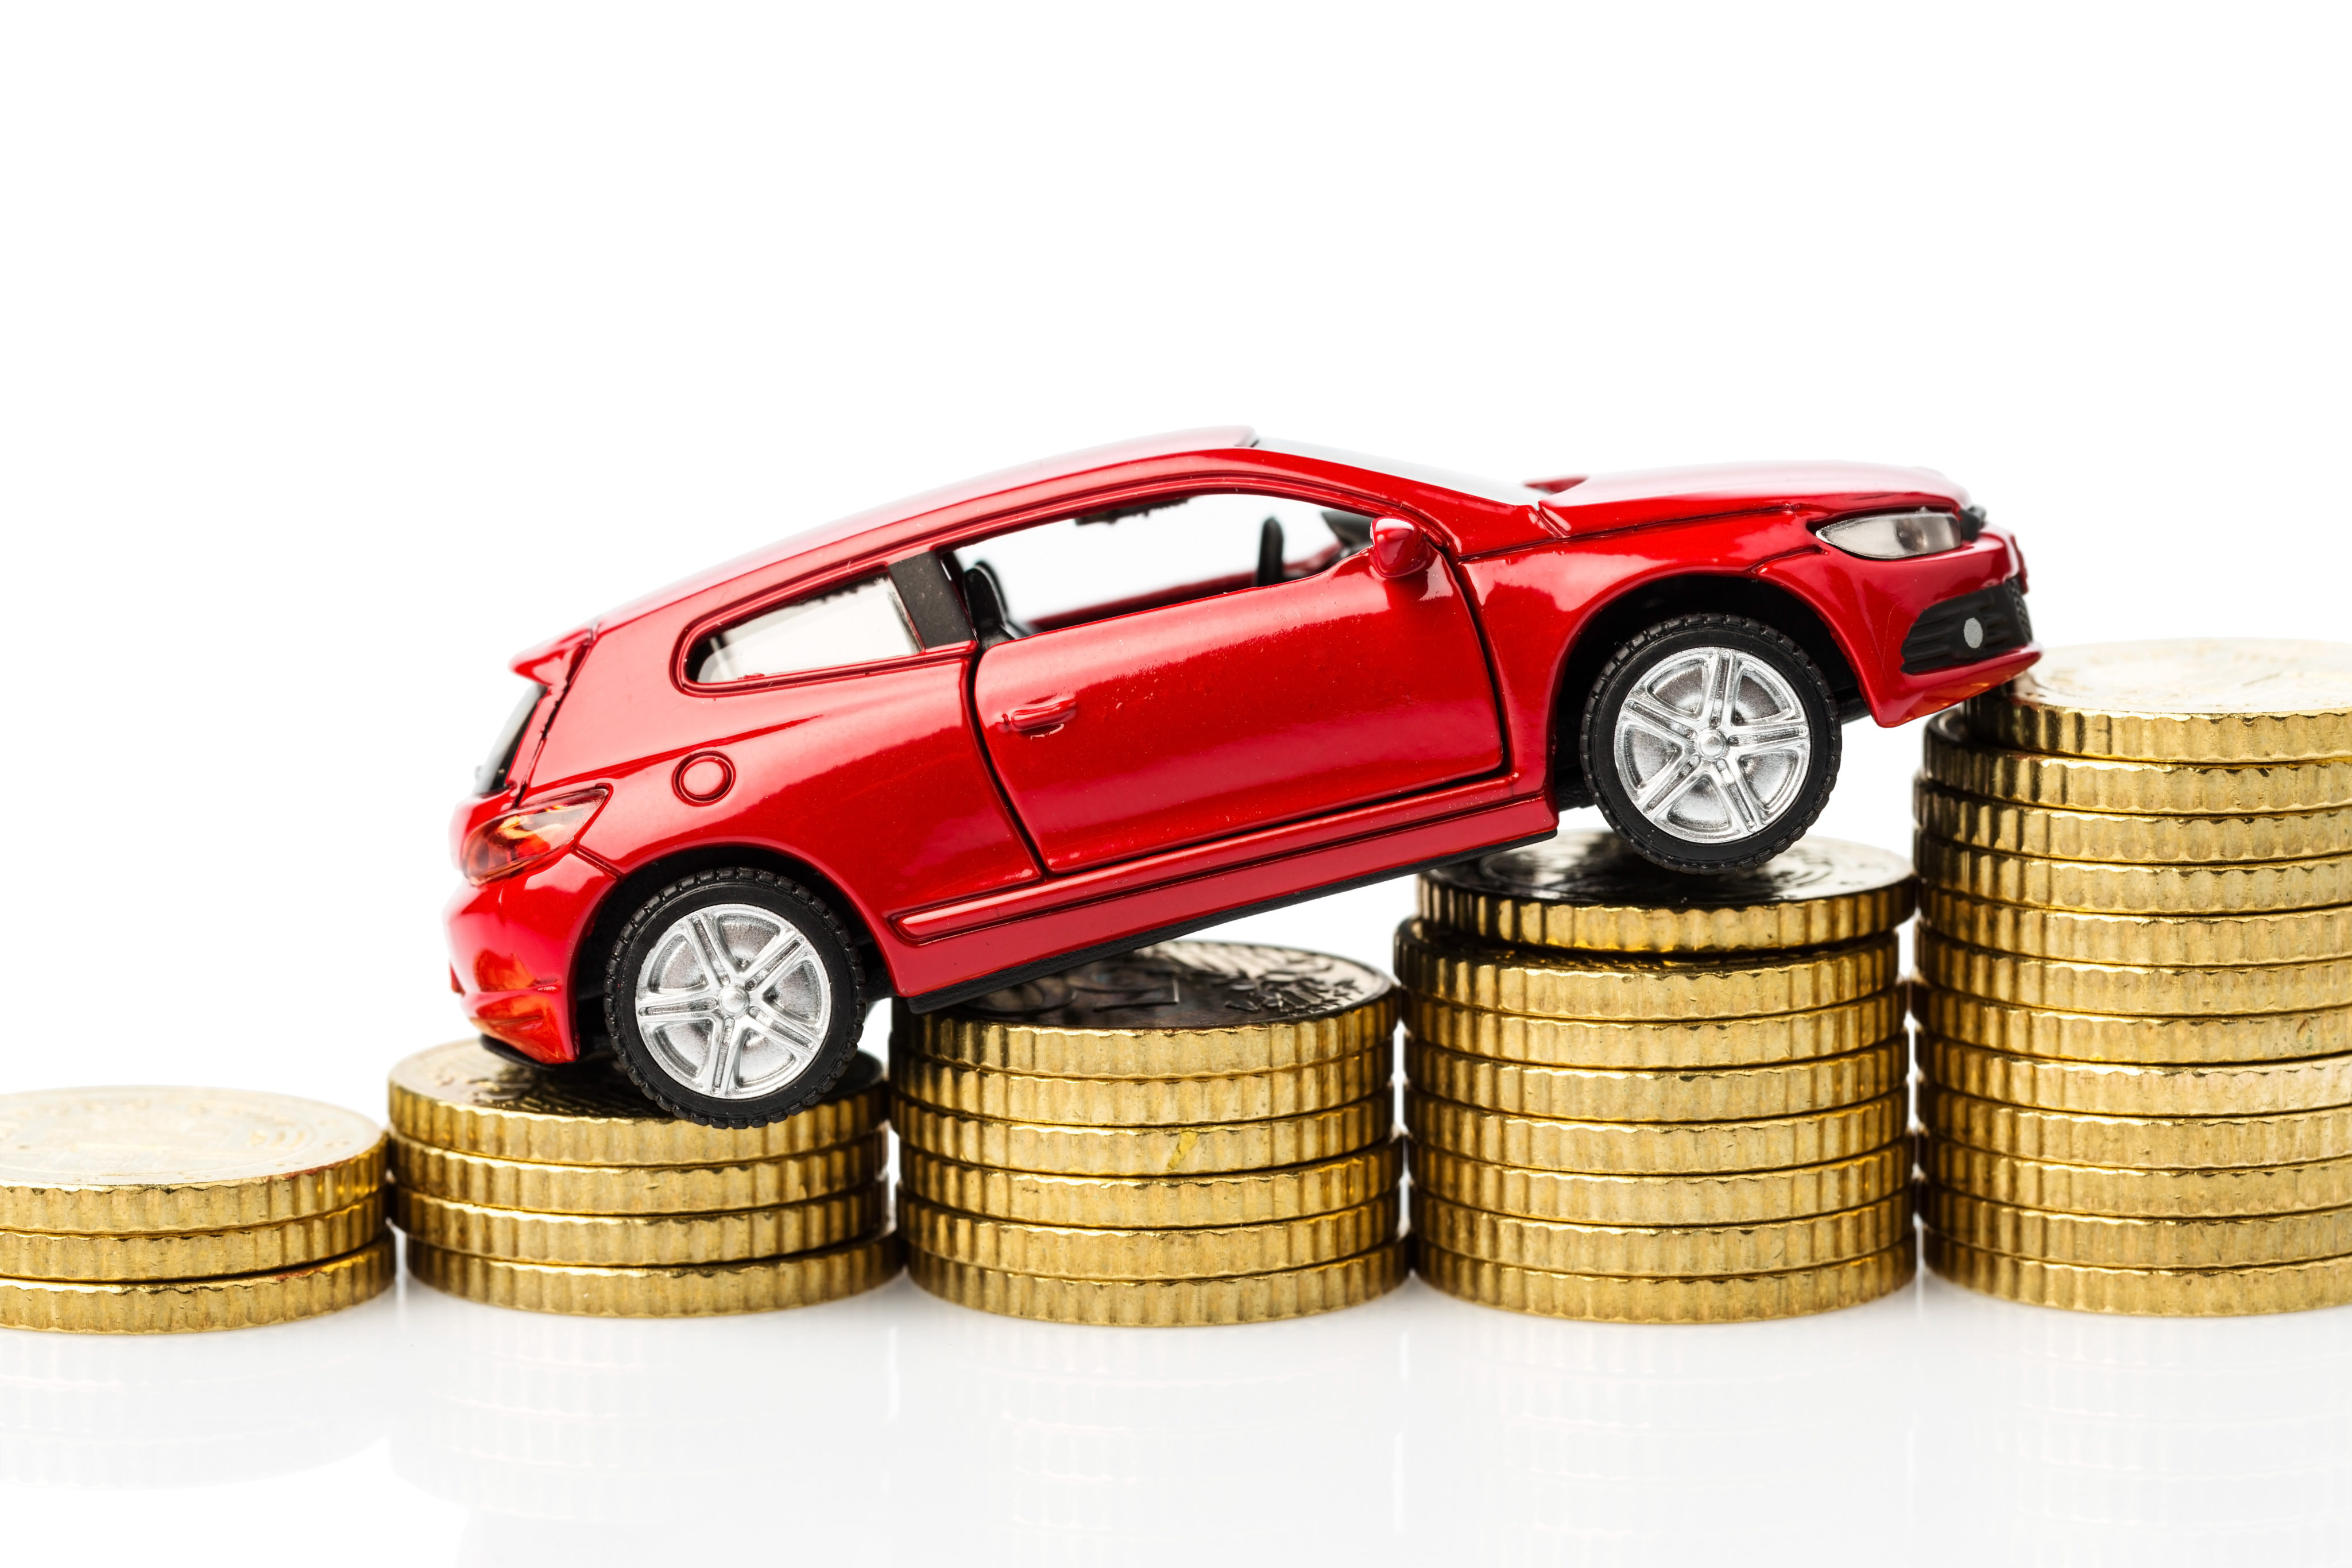 Car Accident Premium Increase State Farm